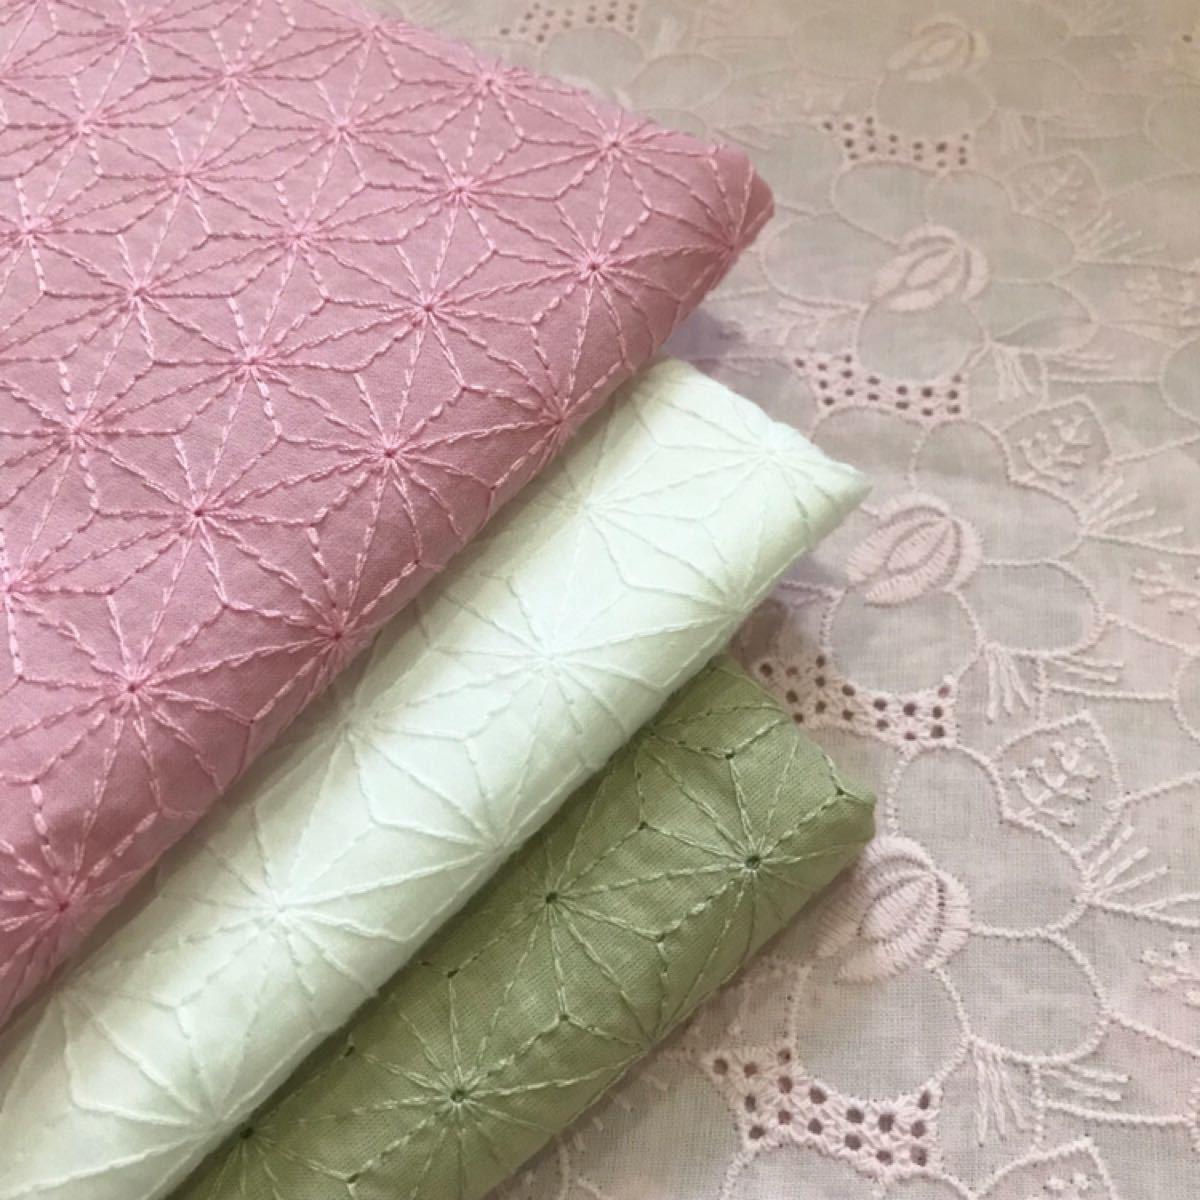 コットンレース 綿 刺繍生地 はぎれ 麻の葉 和柄 鬼滅の刃 ハンドメイド 布